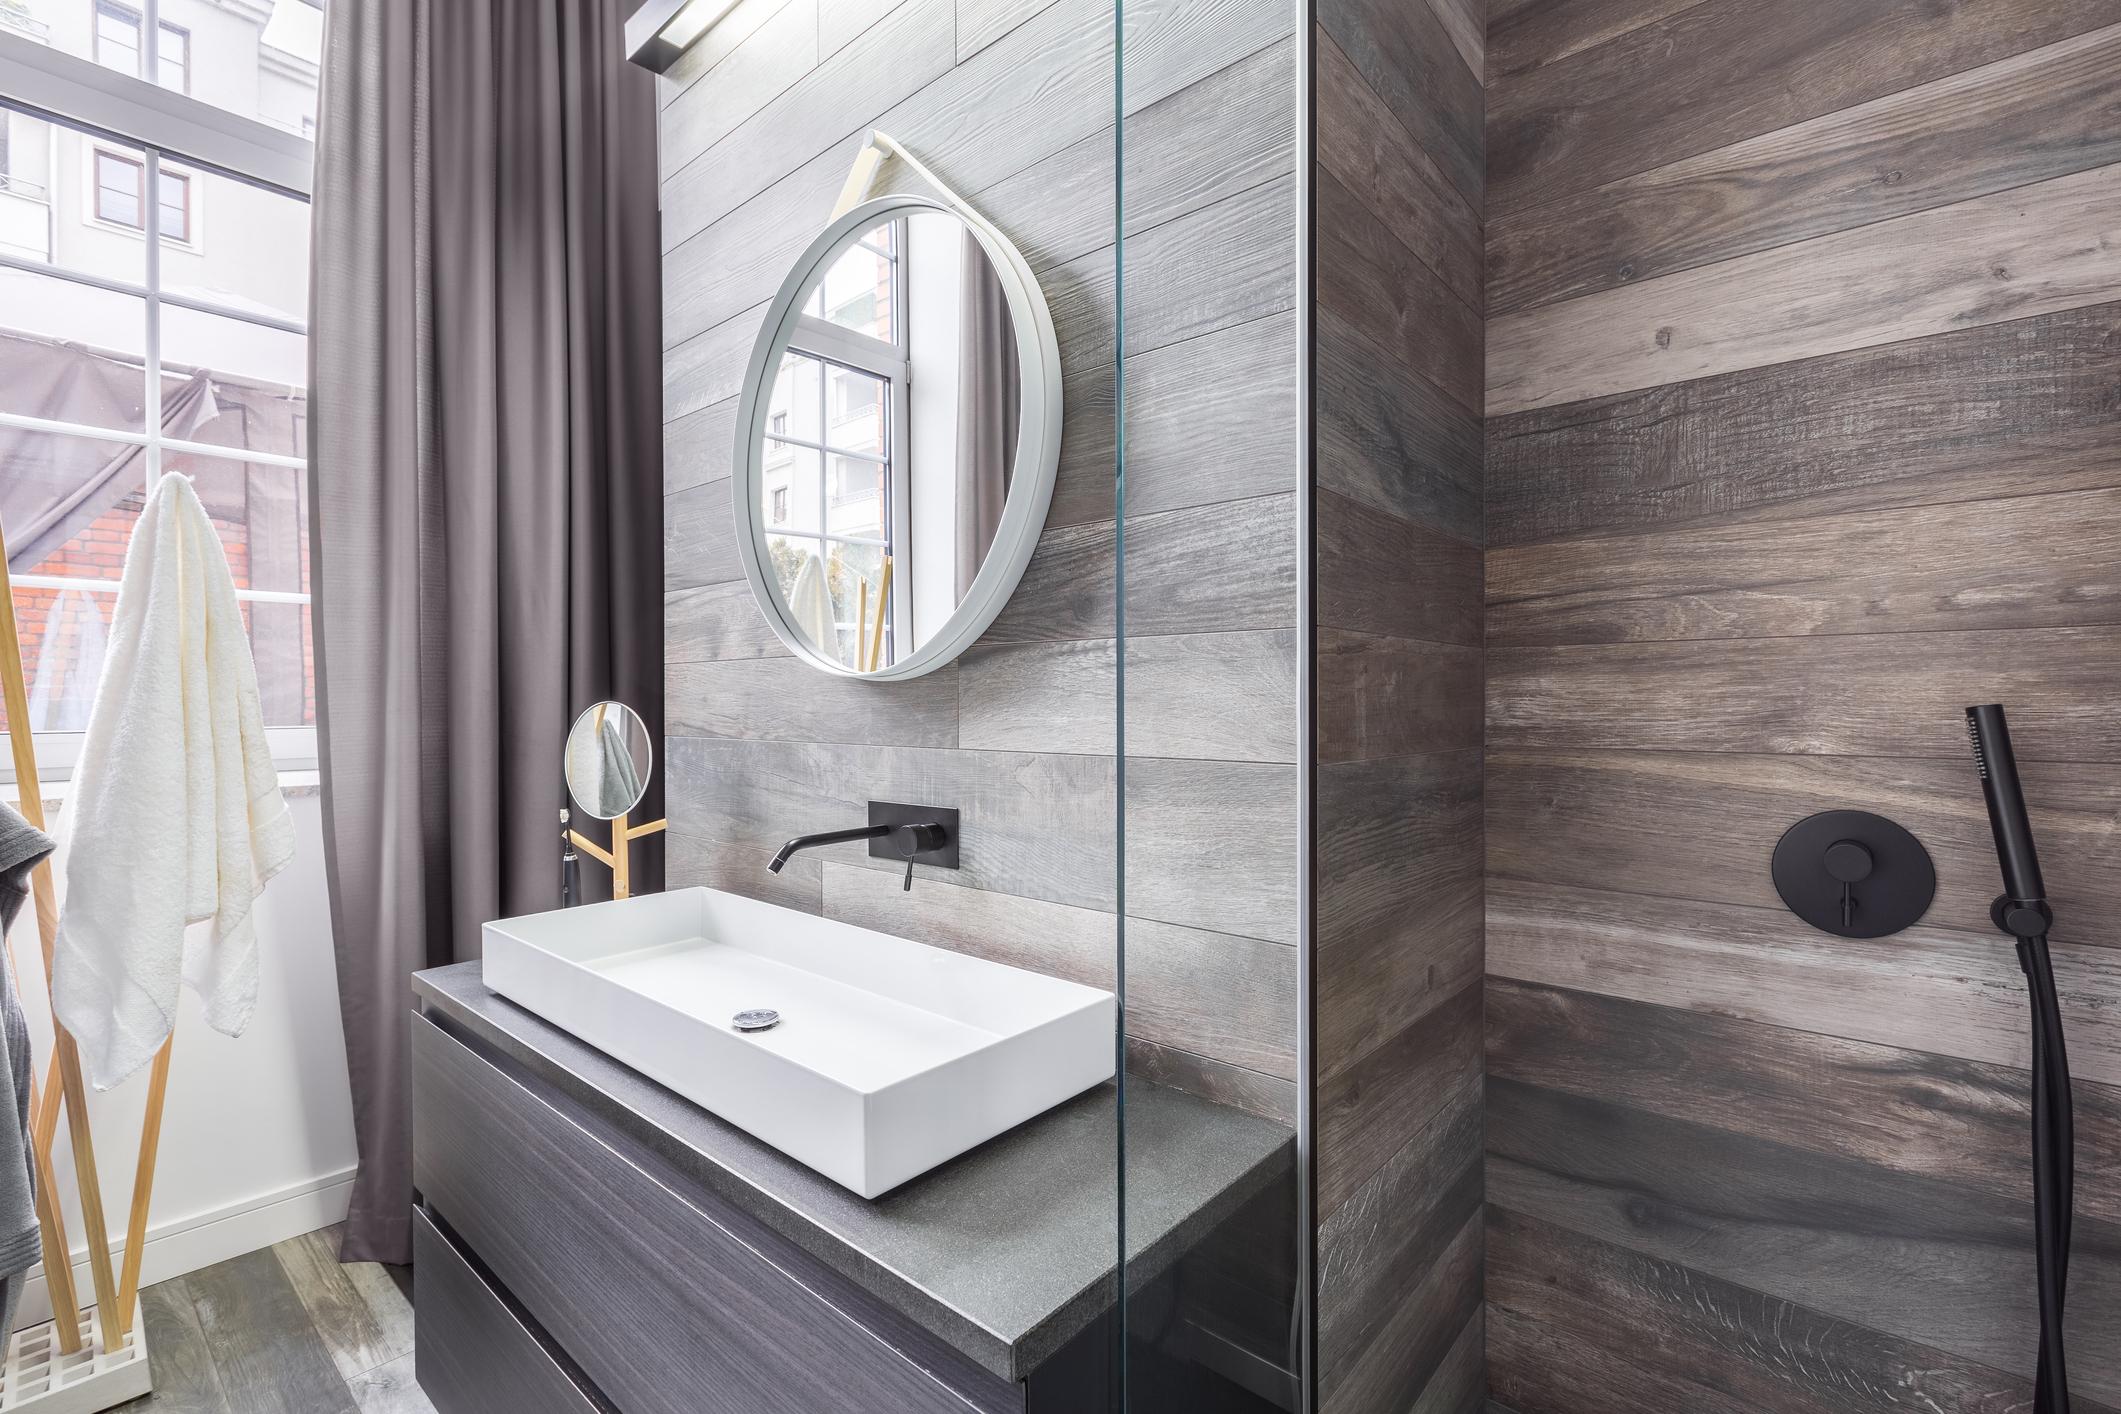 Стандартните плочки и фуги са определено стереотип за почти всеки дом. Вече има плочки за баня, които далеч не приличат на такива. Те имитират дърво, мрамор, ако не може да си позволите истински. Изненадващо и странно е, когато влезете в баня, в която стените са сякаш от дърво. Пробвайте, няма да сгрешите.